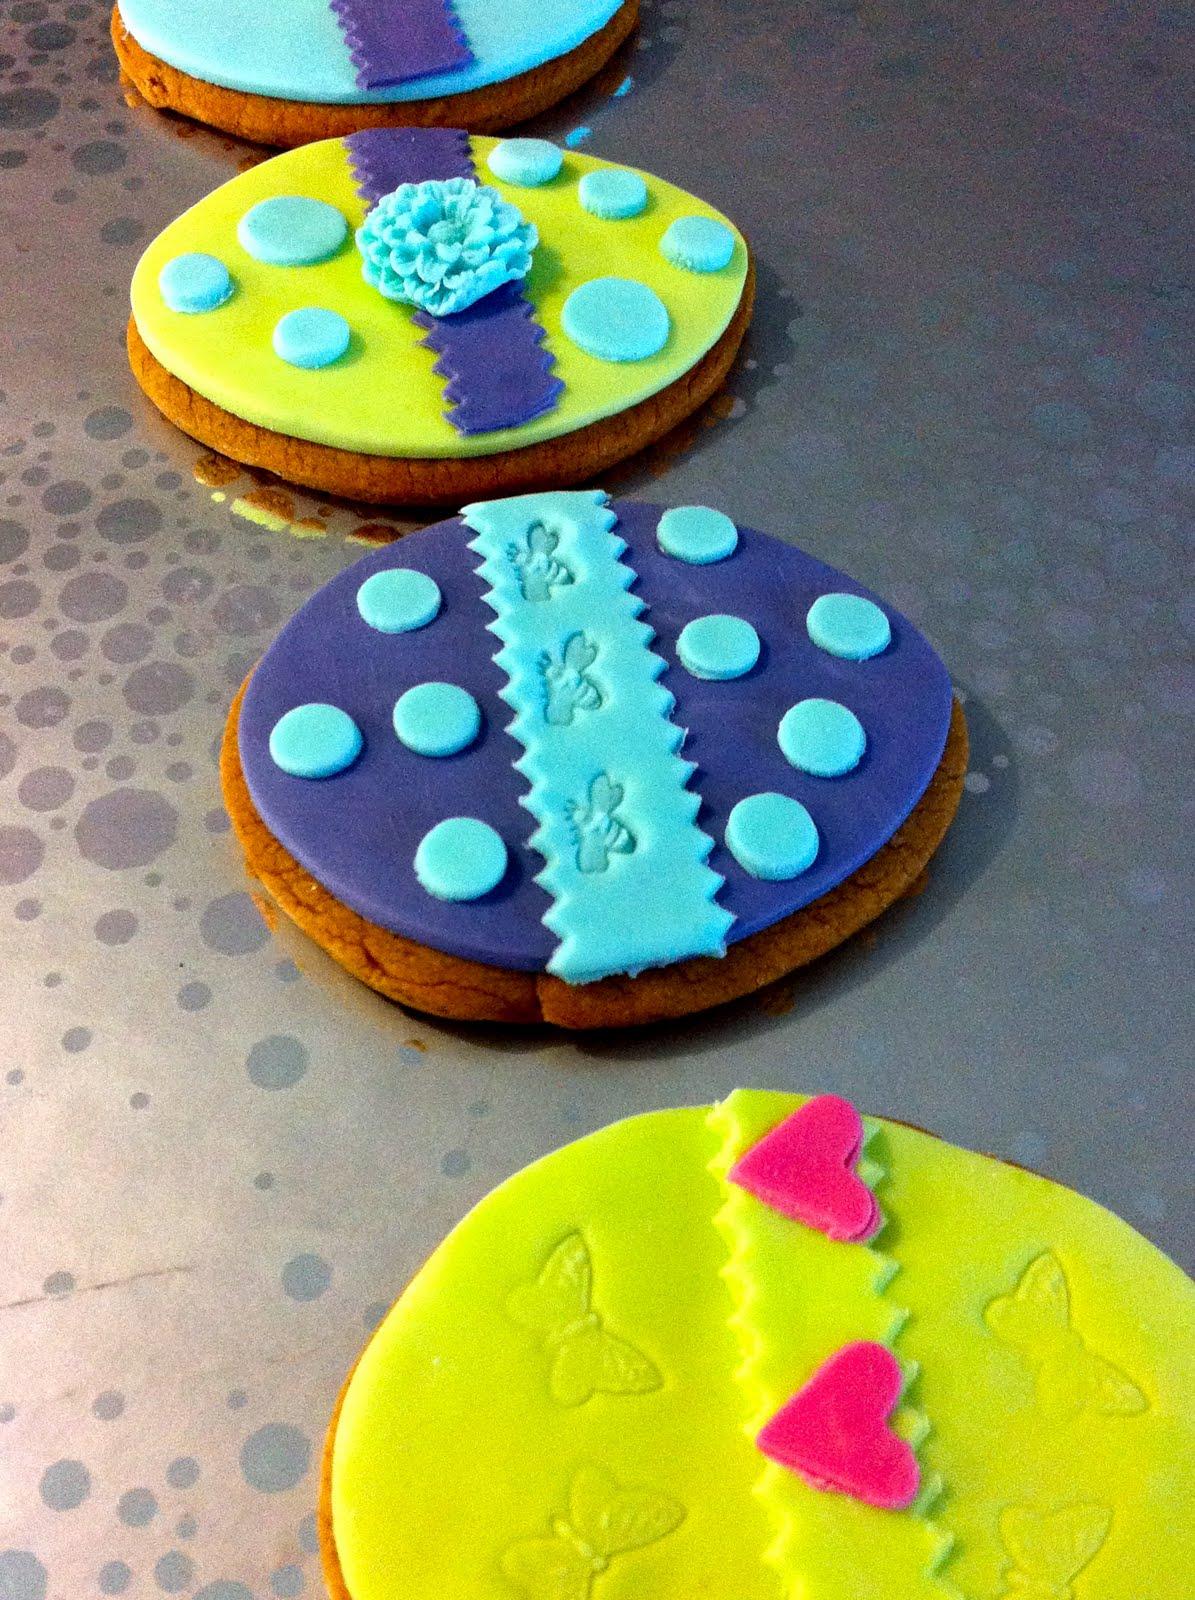 Perth Cake Decorating Career